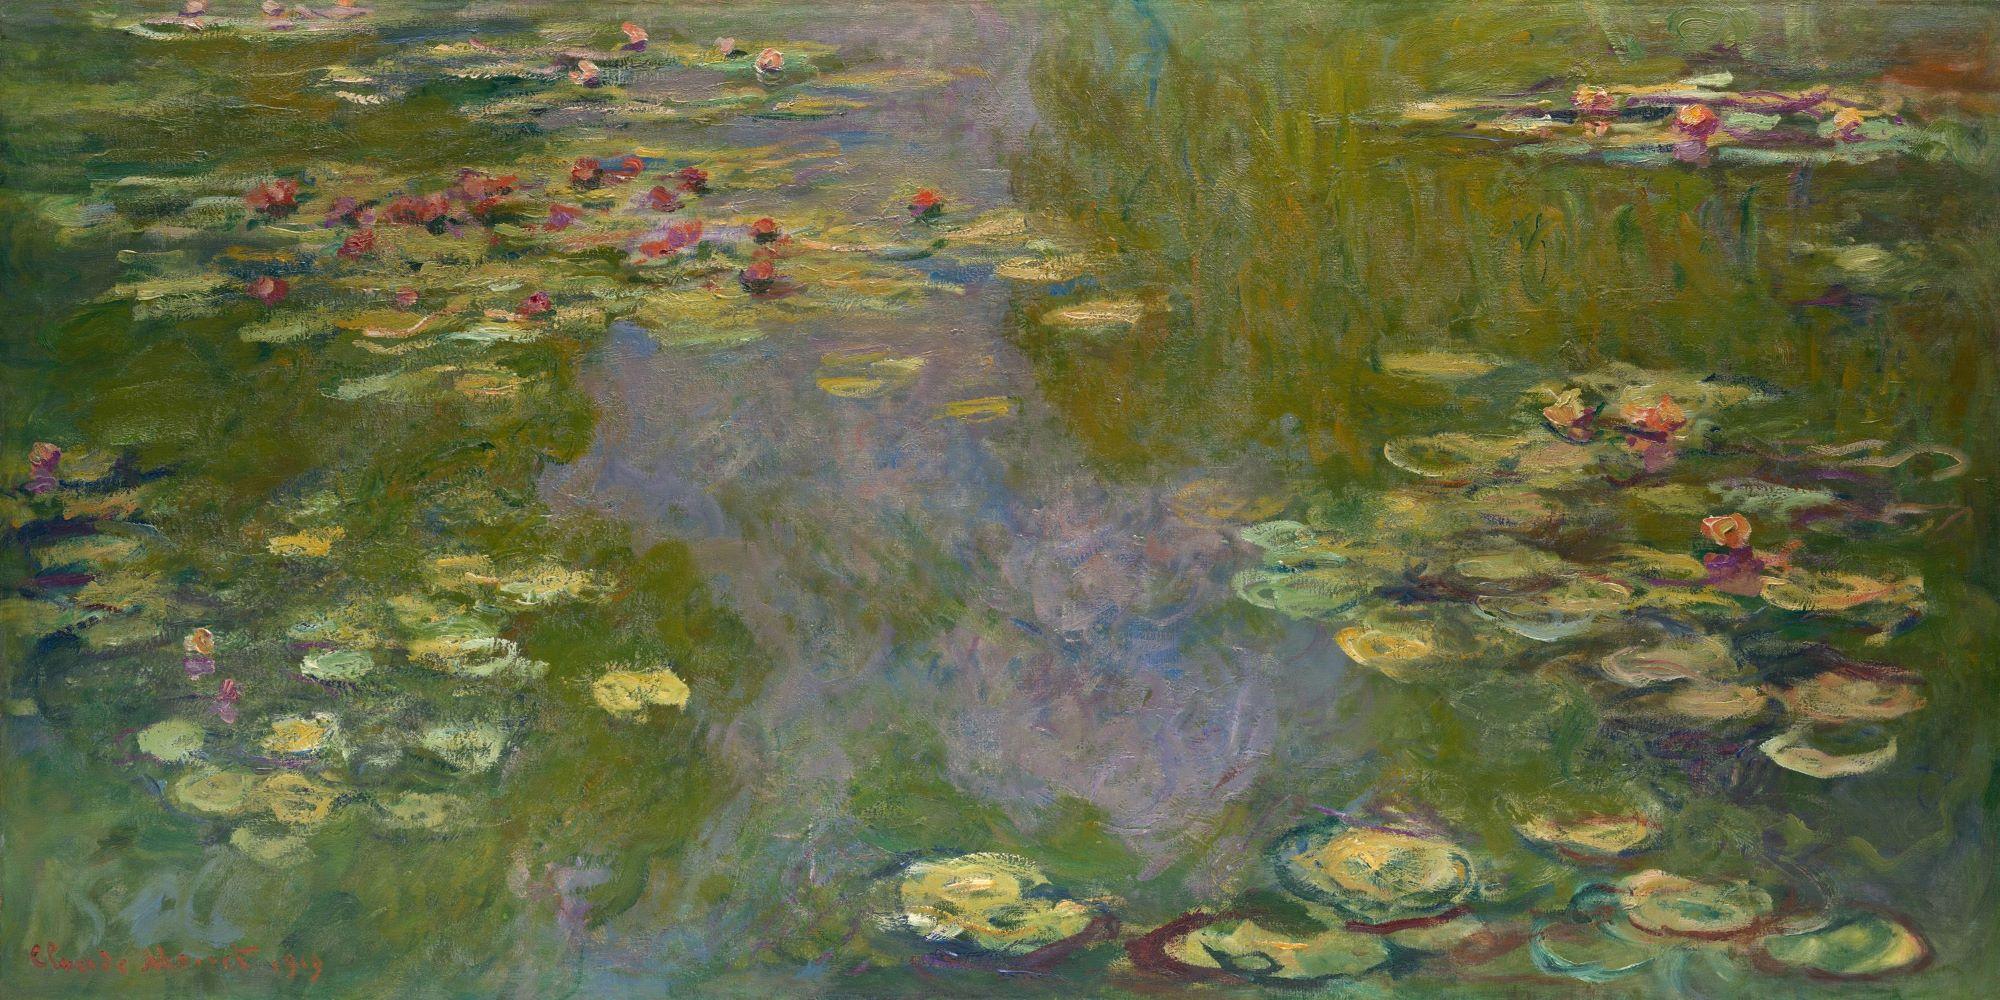 Seerosen von Claude Monet, Kunst